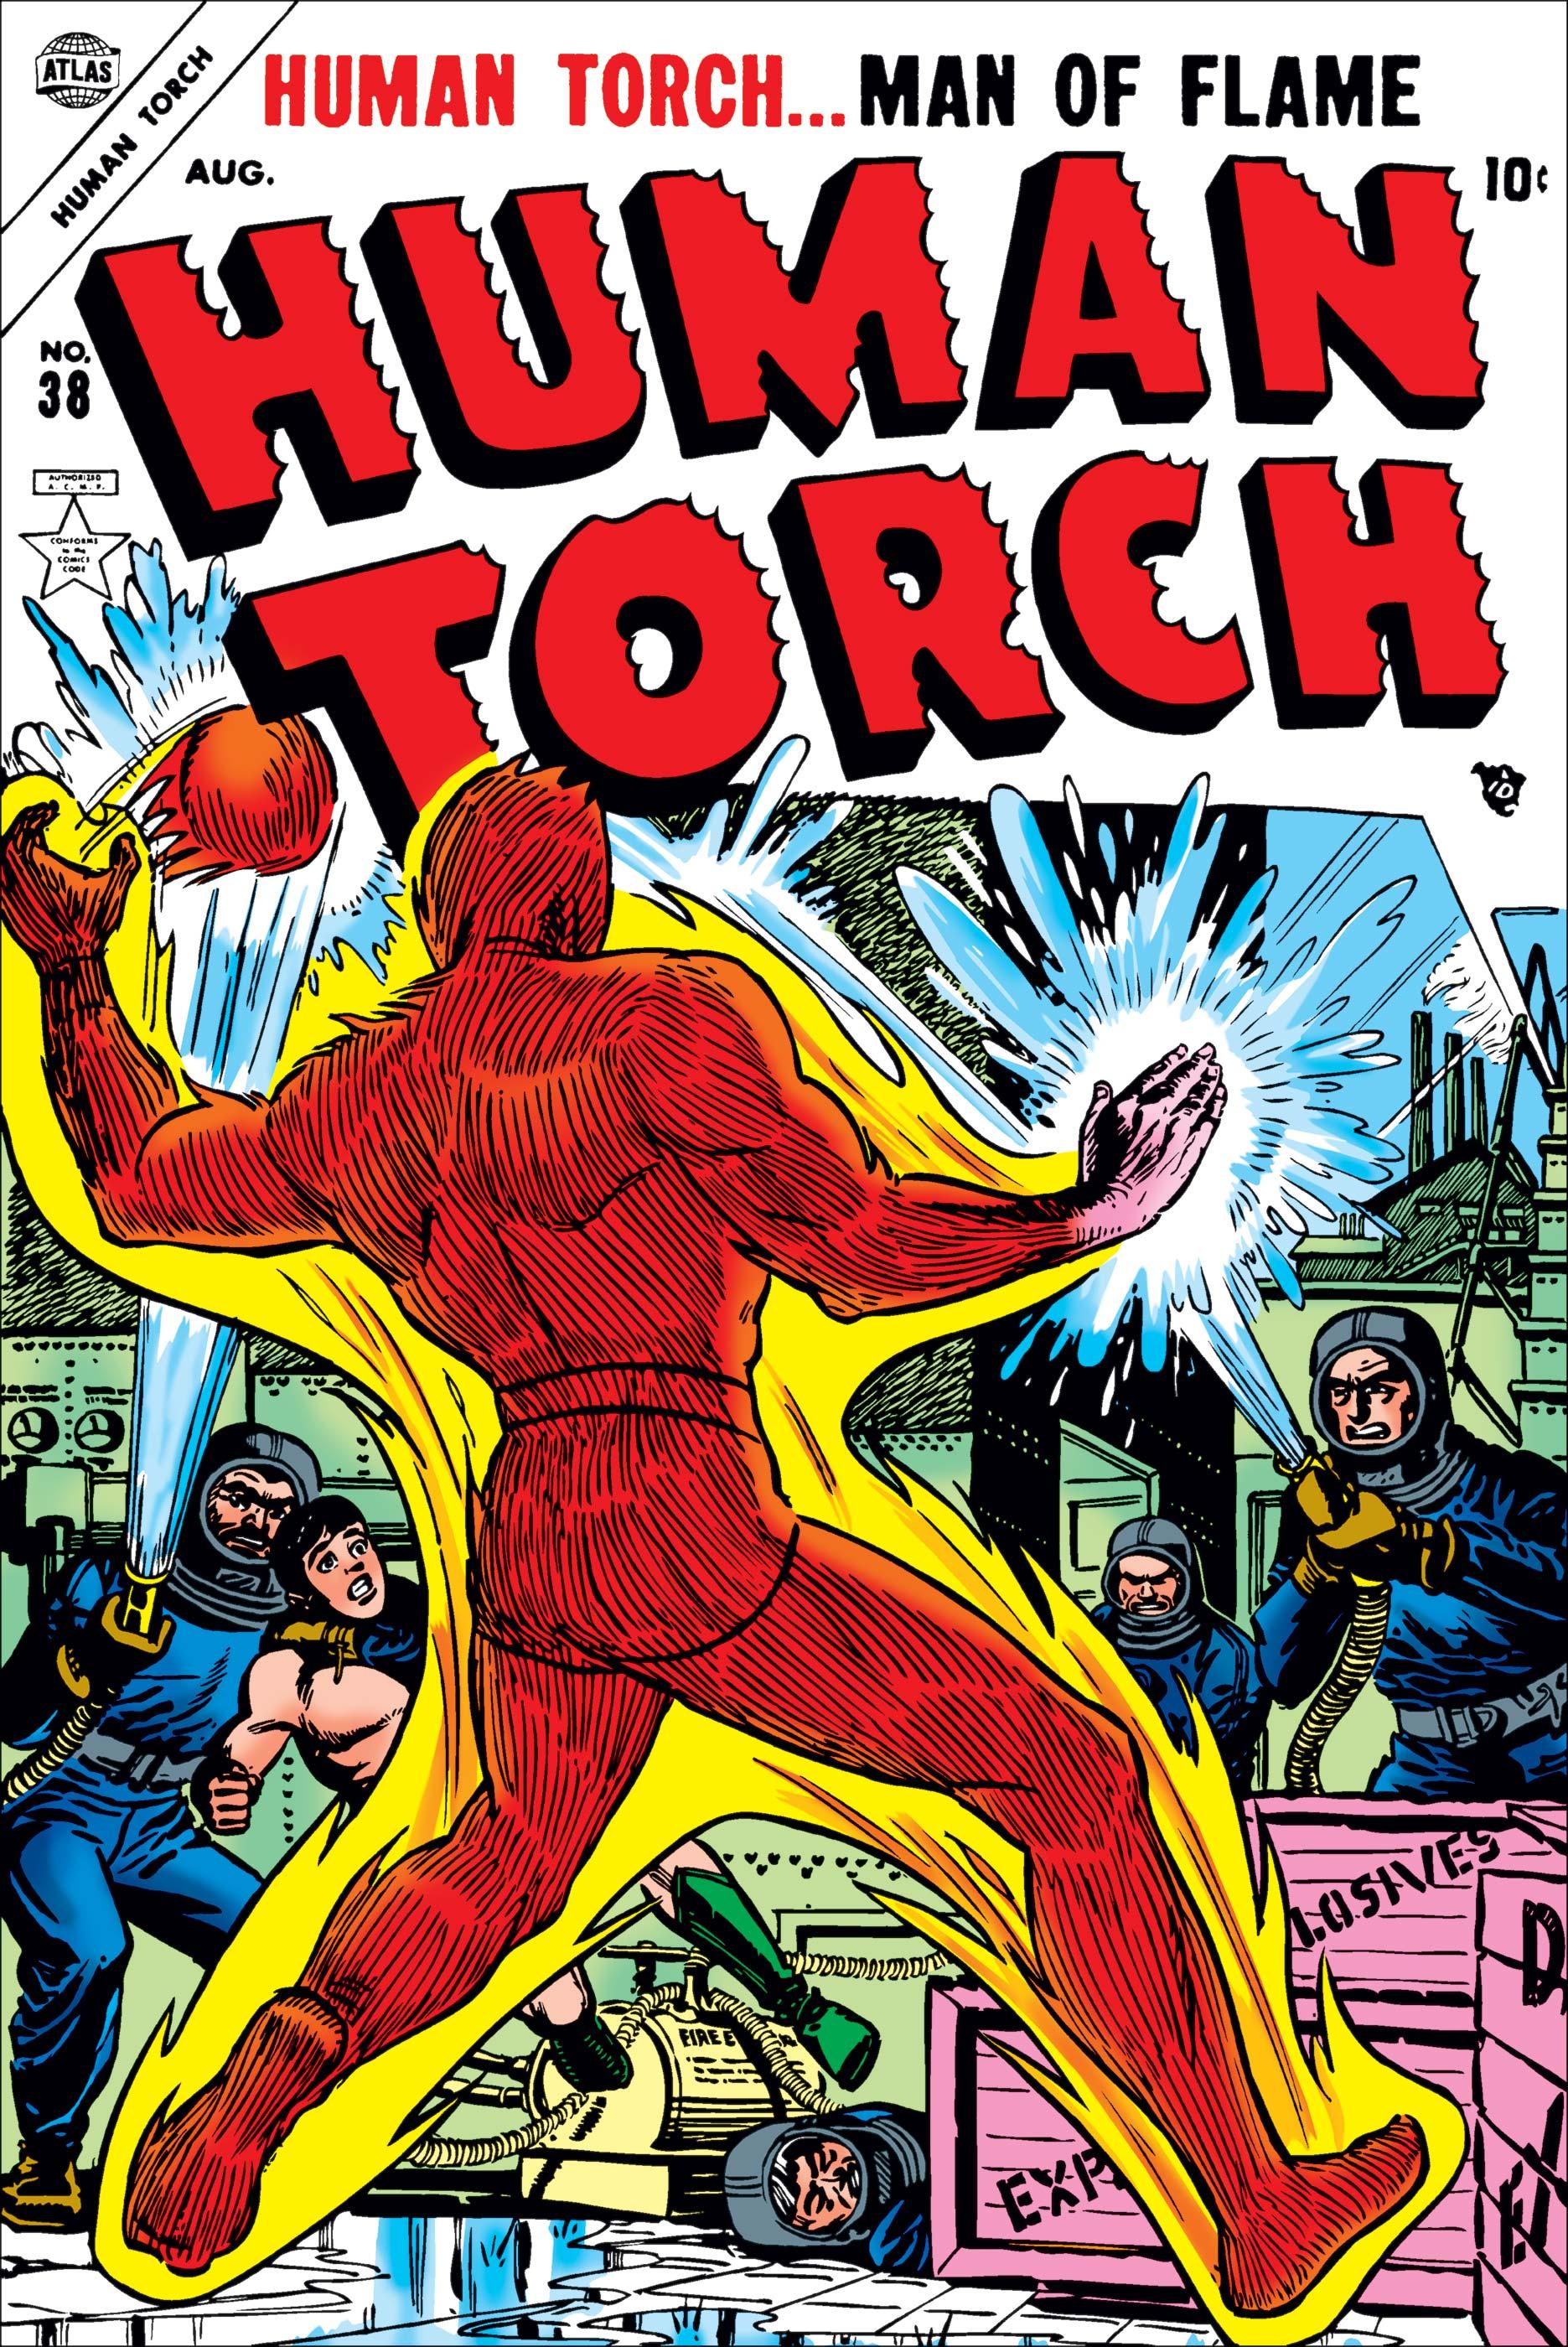 Human Torch Comics (1940) #38